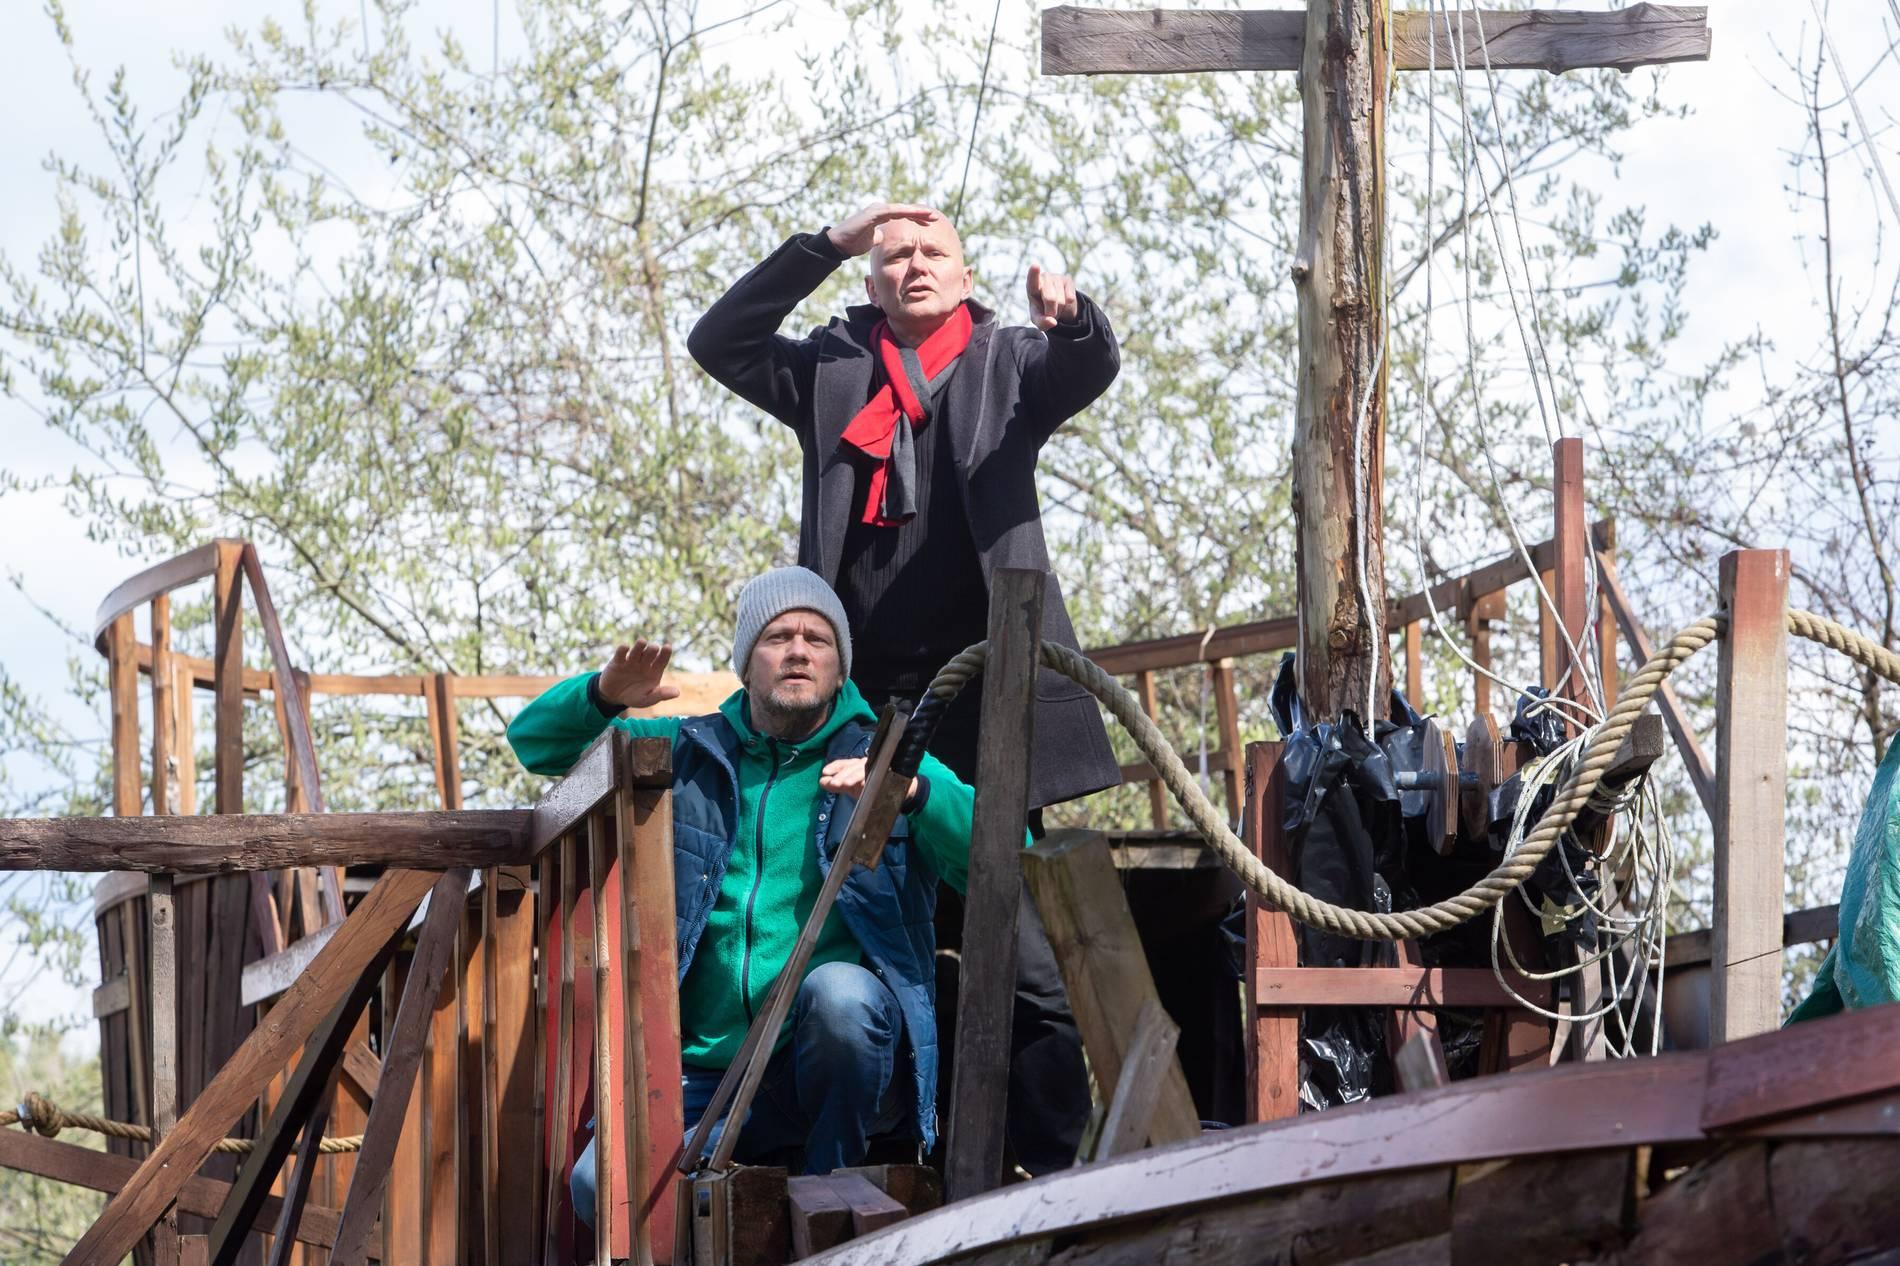 Auf hoher See: Die Regisseure Bernhard Altfeld (stehend) und Olaf Sabelus auf dem Schiff des Wandertheaters. Foto: Matthias Kehrein